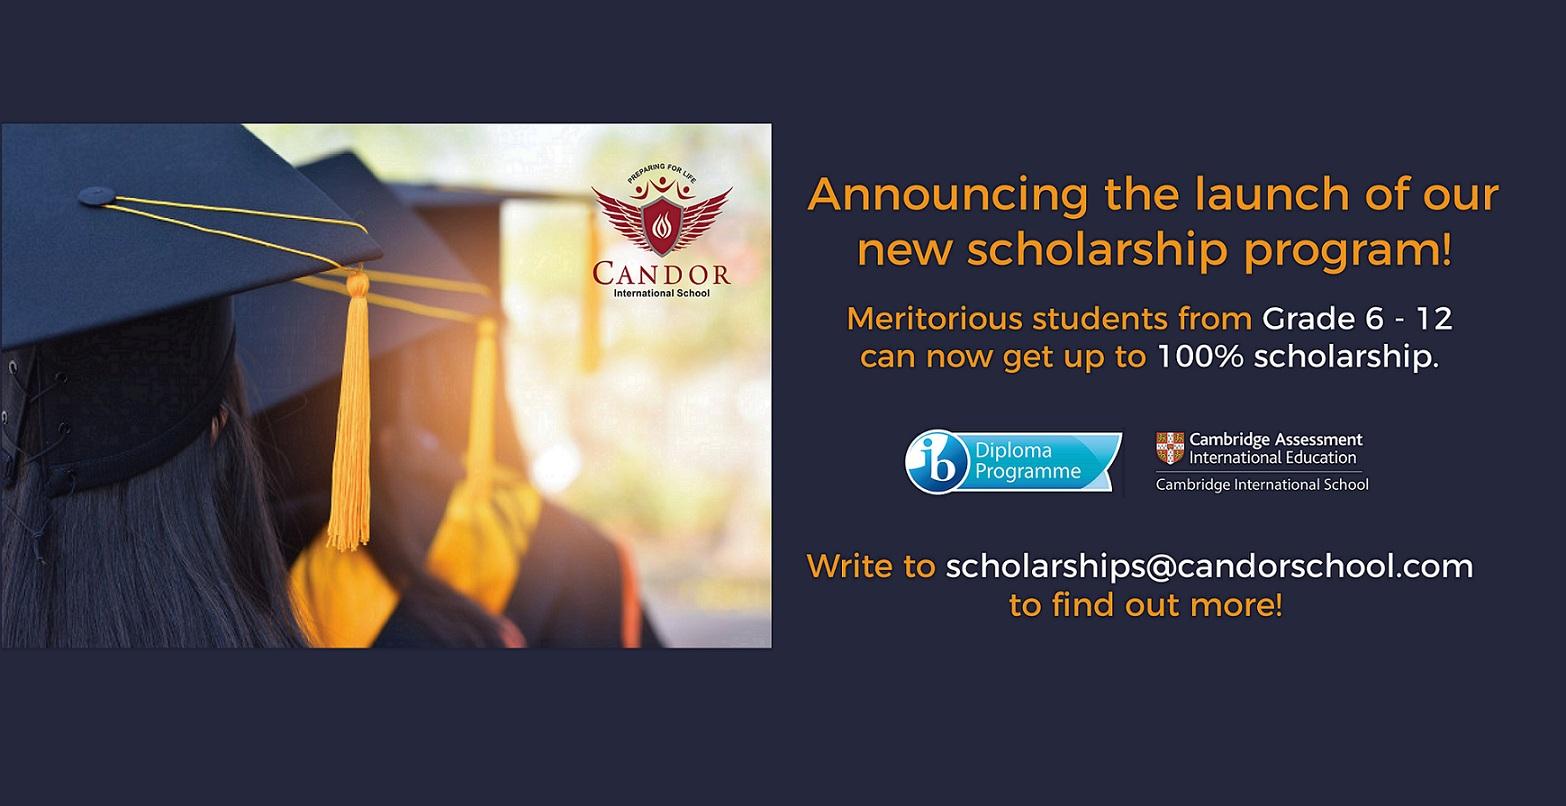 Candor Scholarship